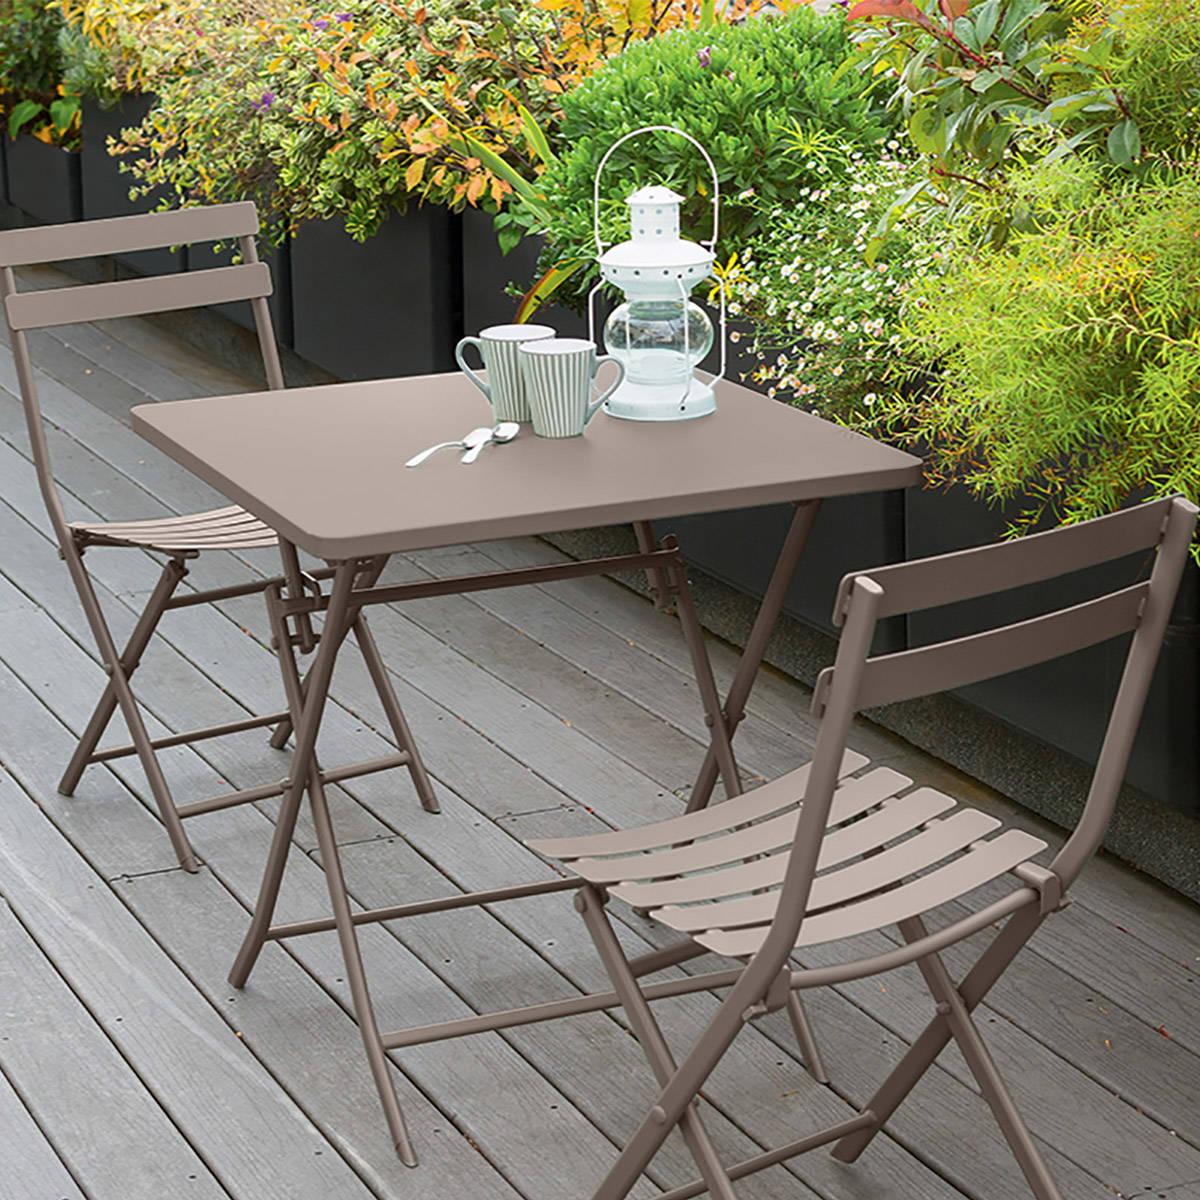 Table de balcon pliante carr e greensboro taupe hesp ride for Table de balcon pliante